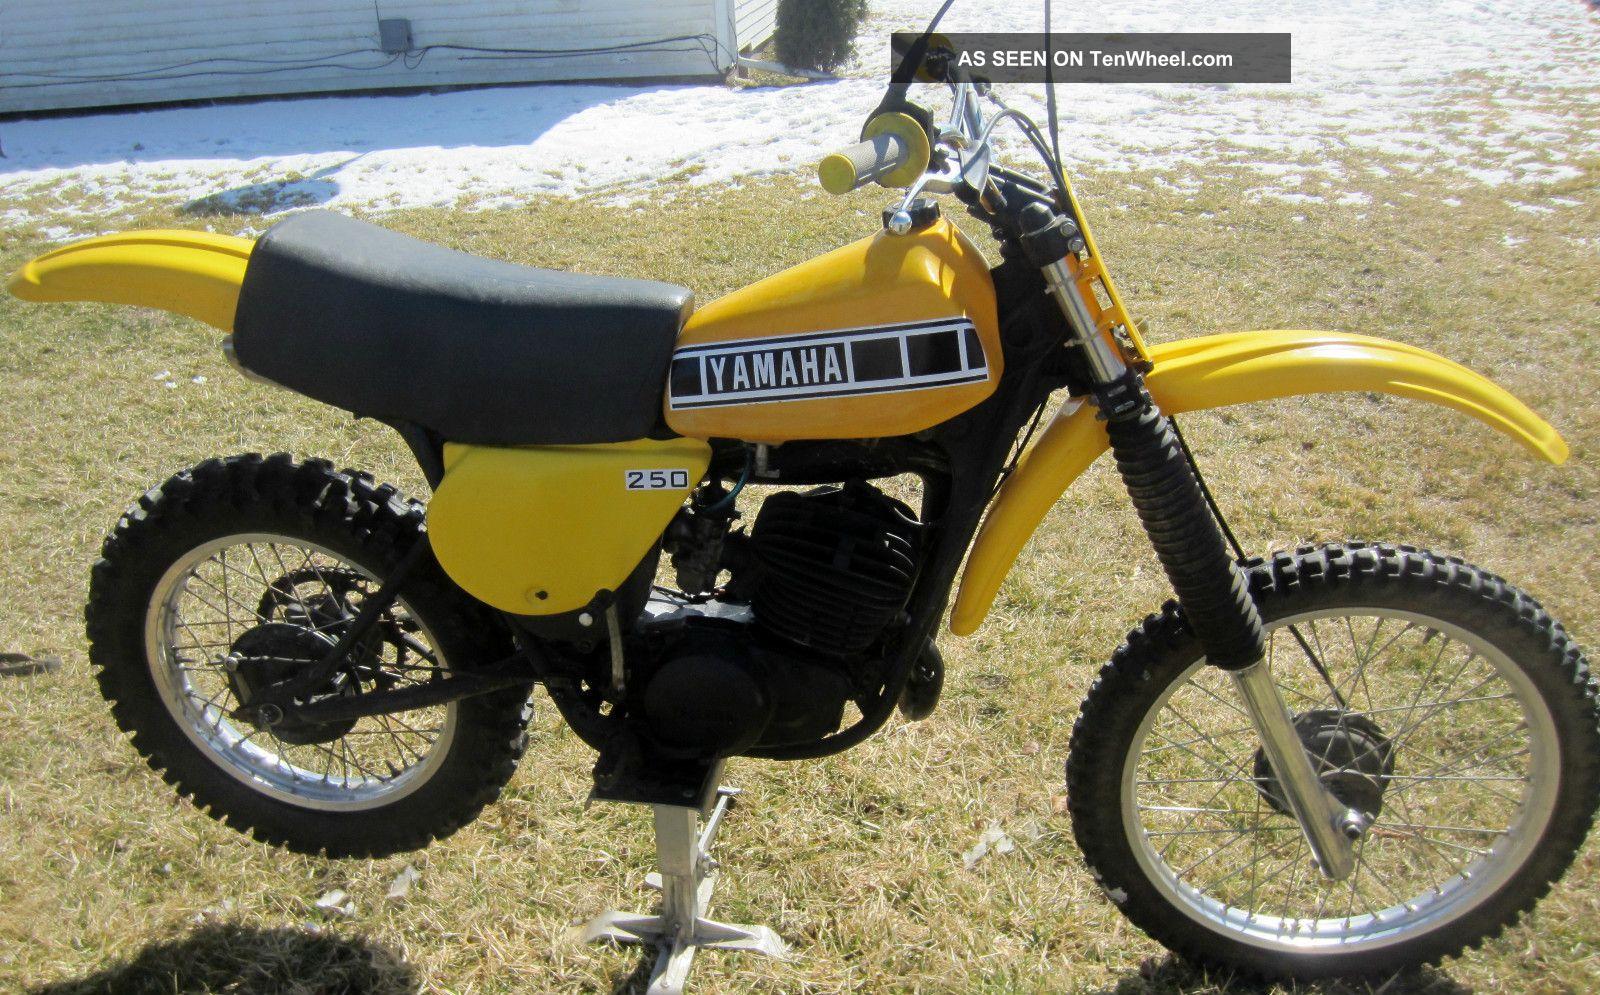 yamaha 250cc dirt bike - photo #44